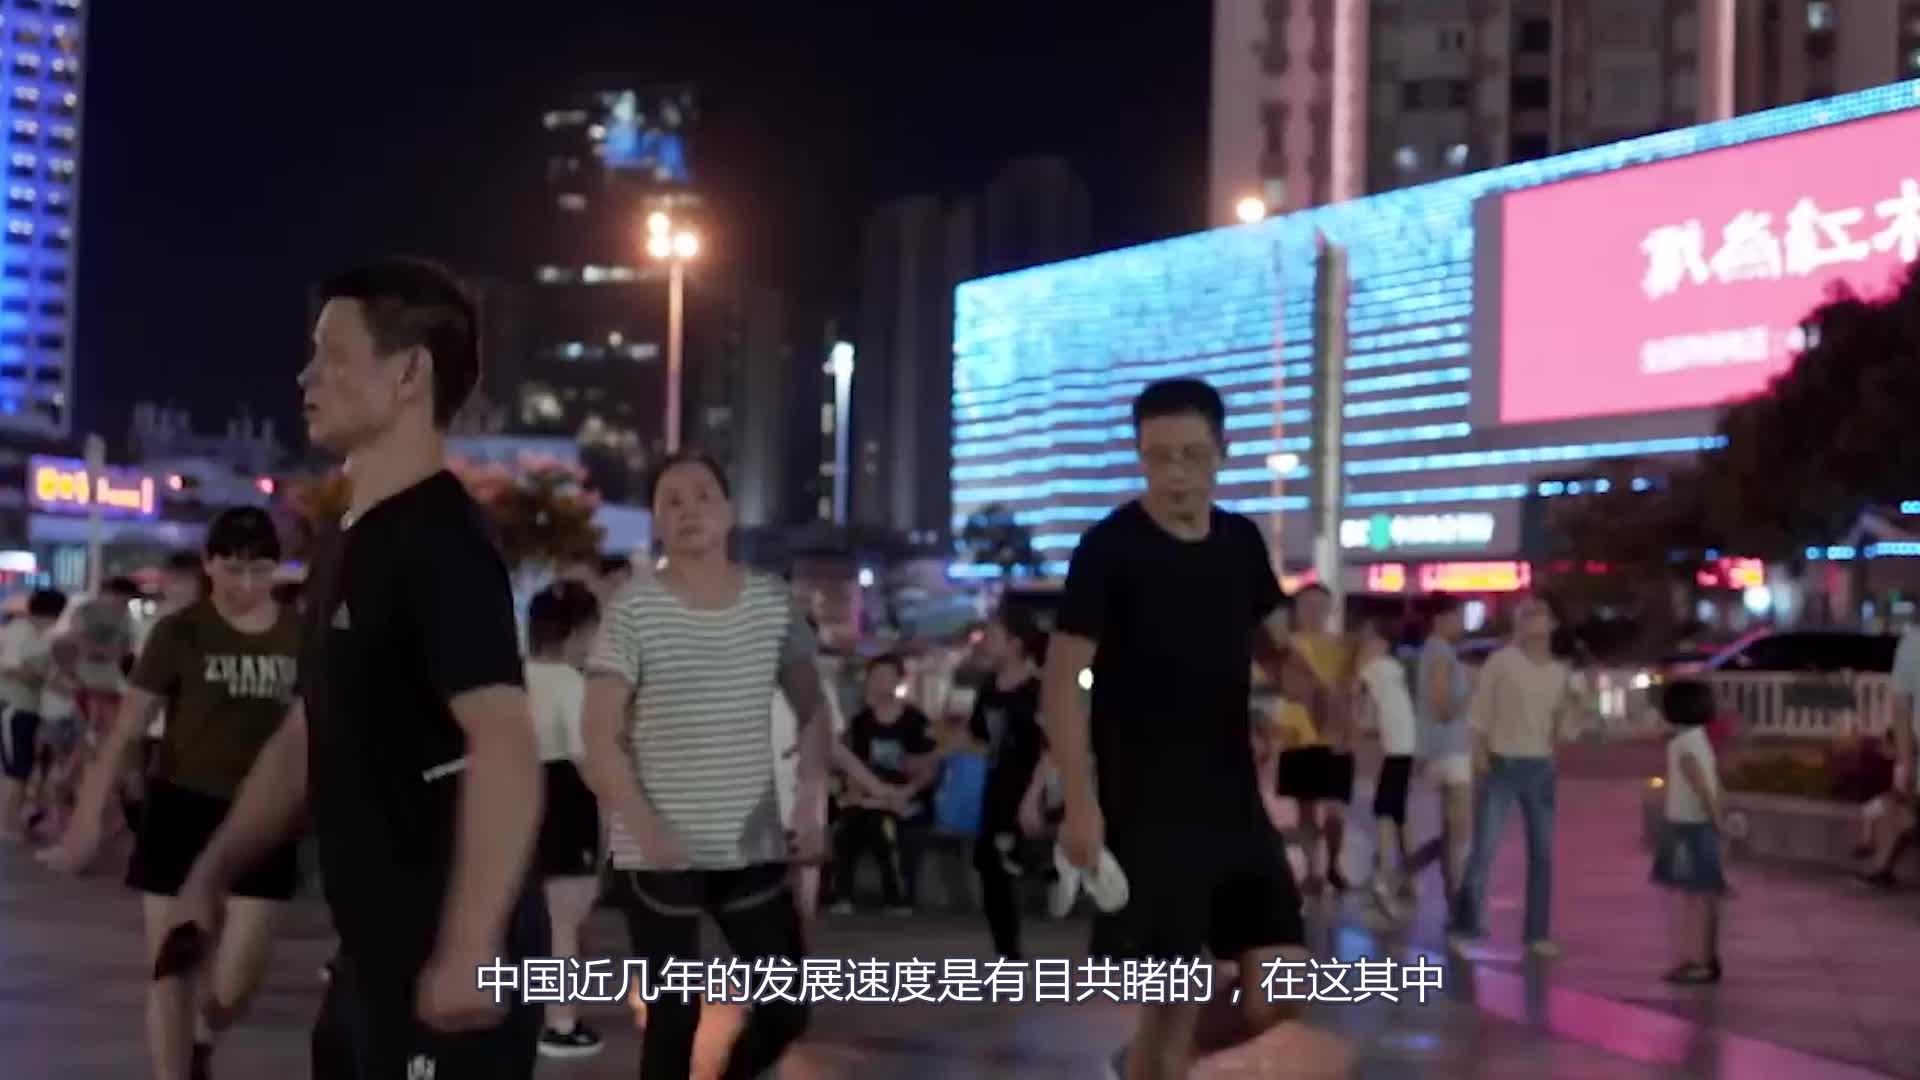 英国总经理来到中国第一次乘坐高铁很愤怒全是骗人的